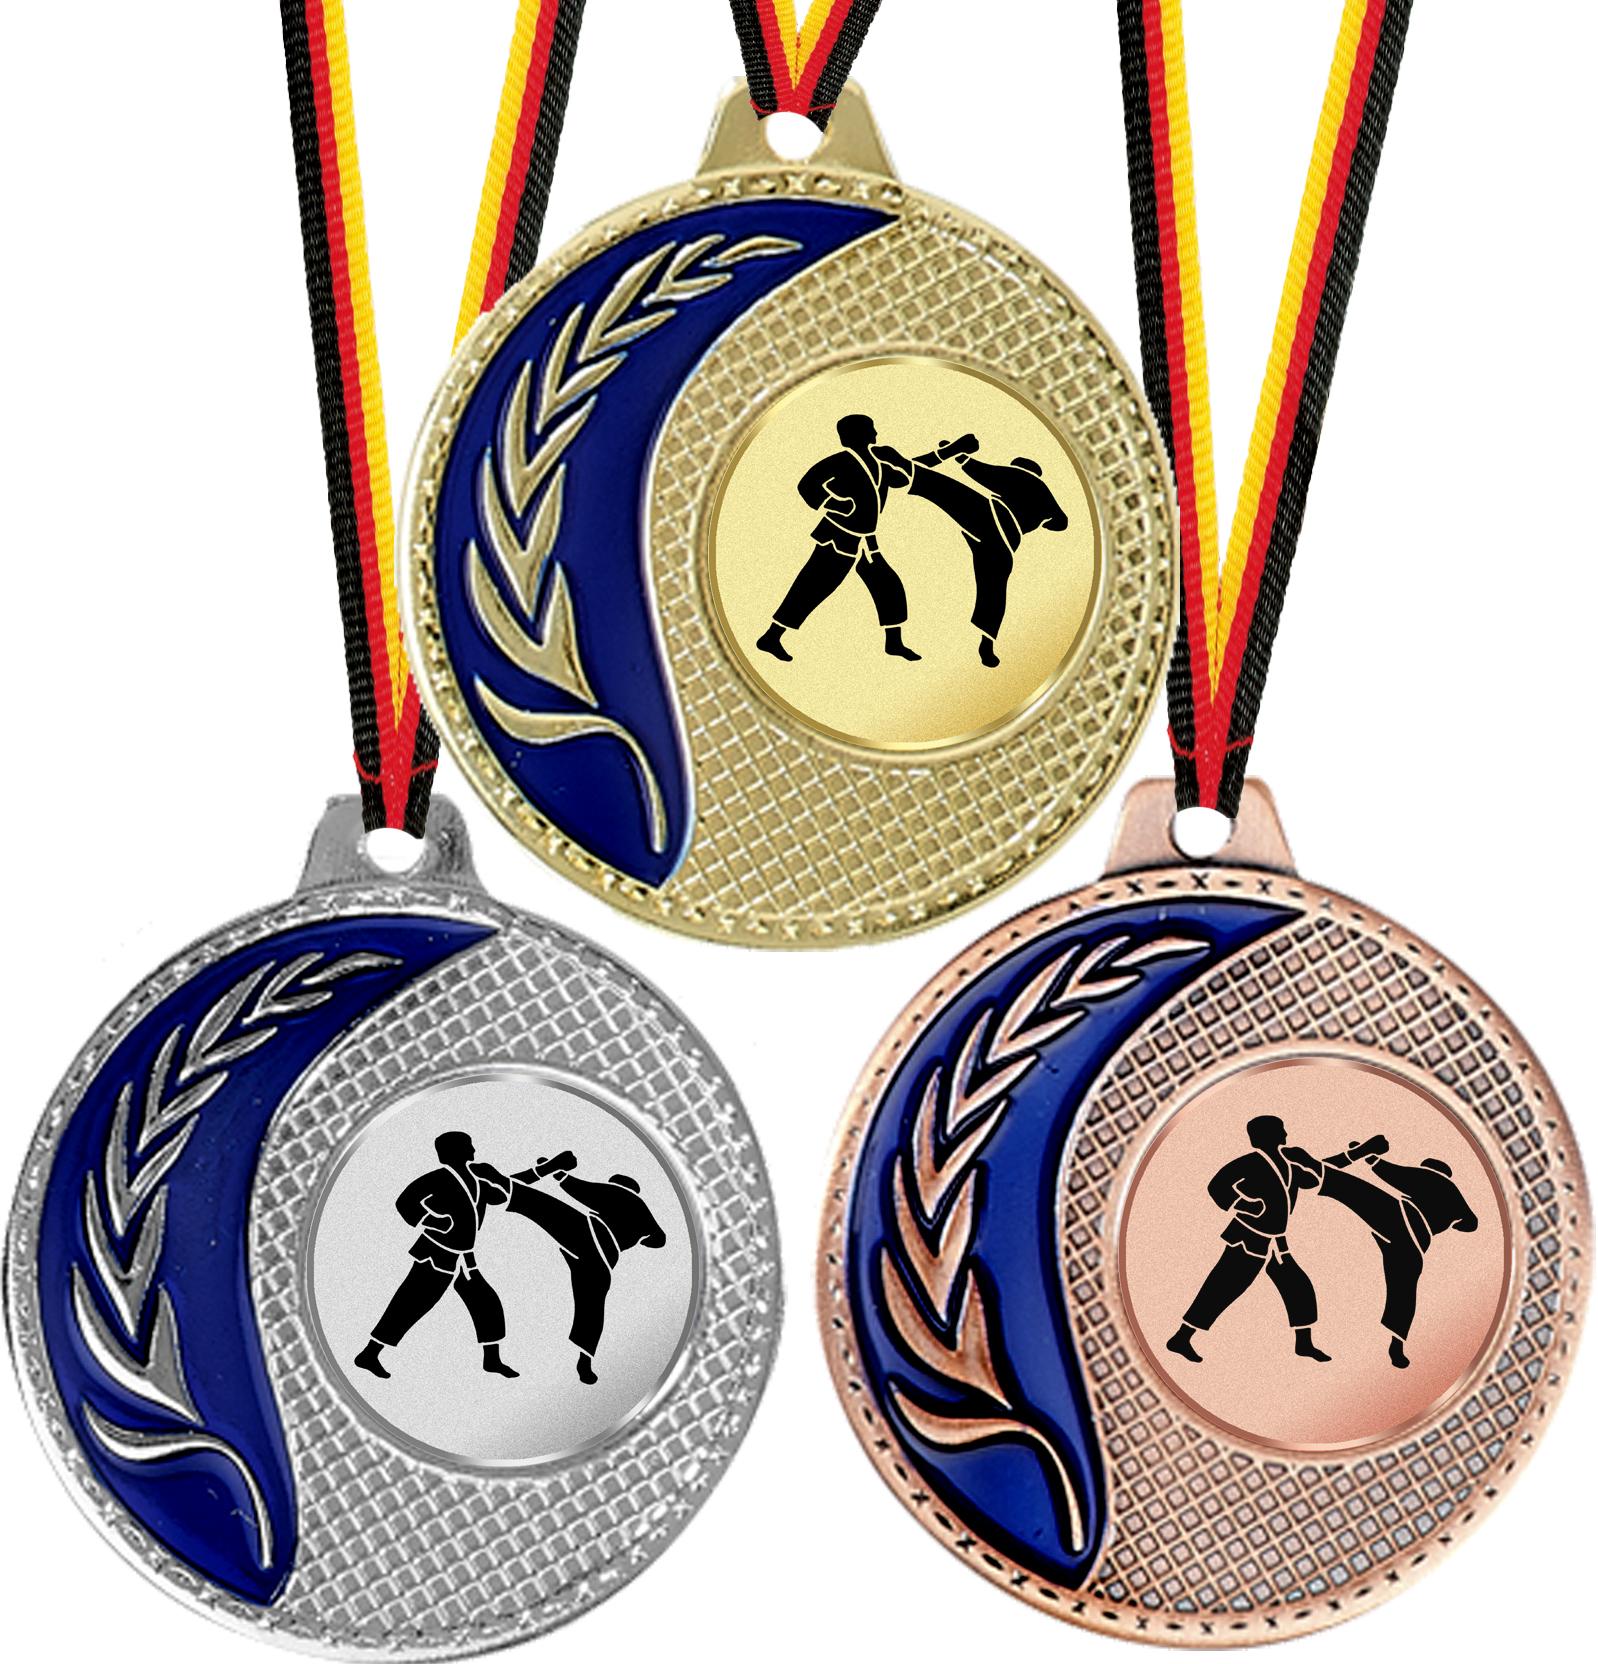 Massive Medaille emailliert 50mmØ Medaillen Standardmedaillen